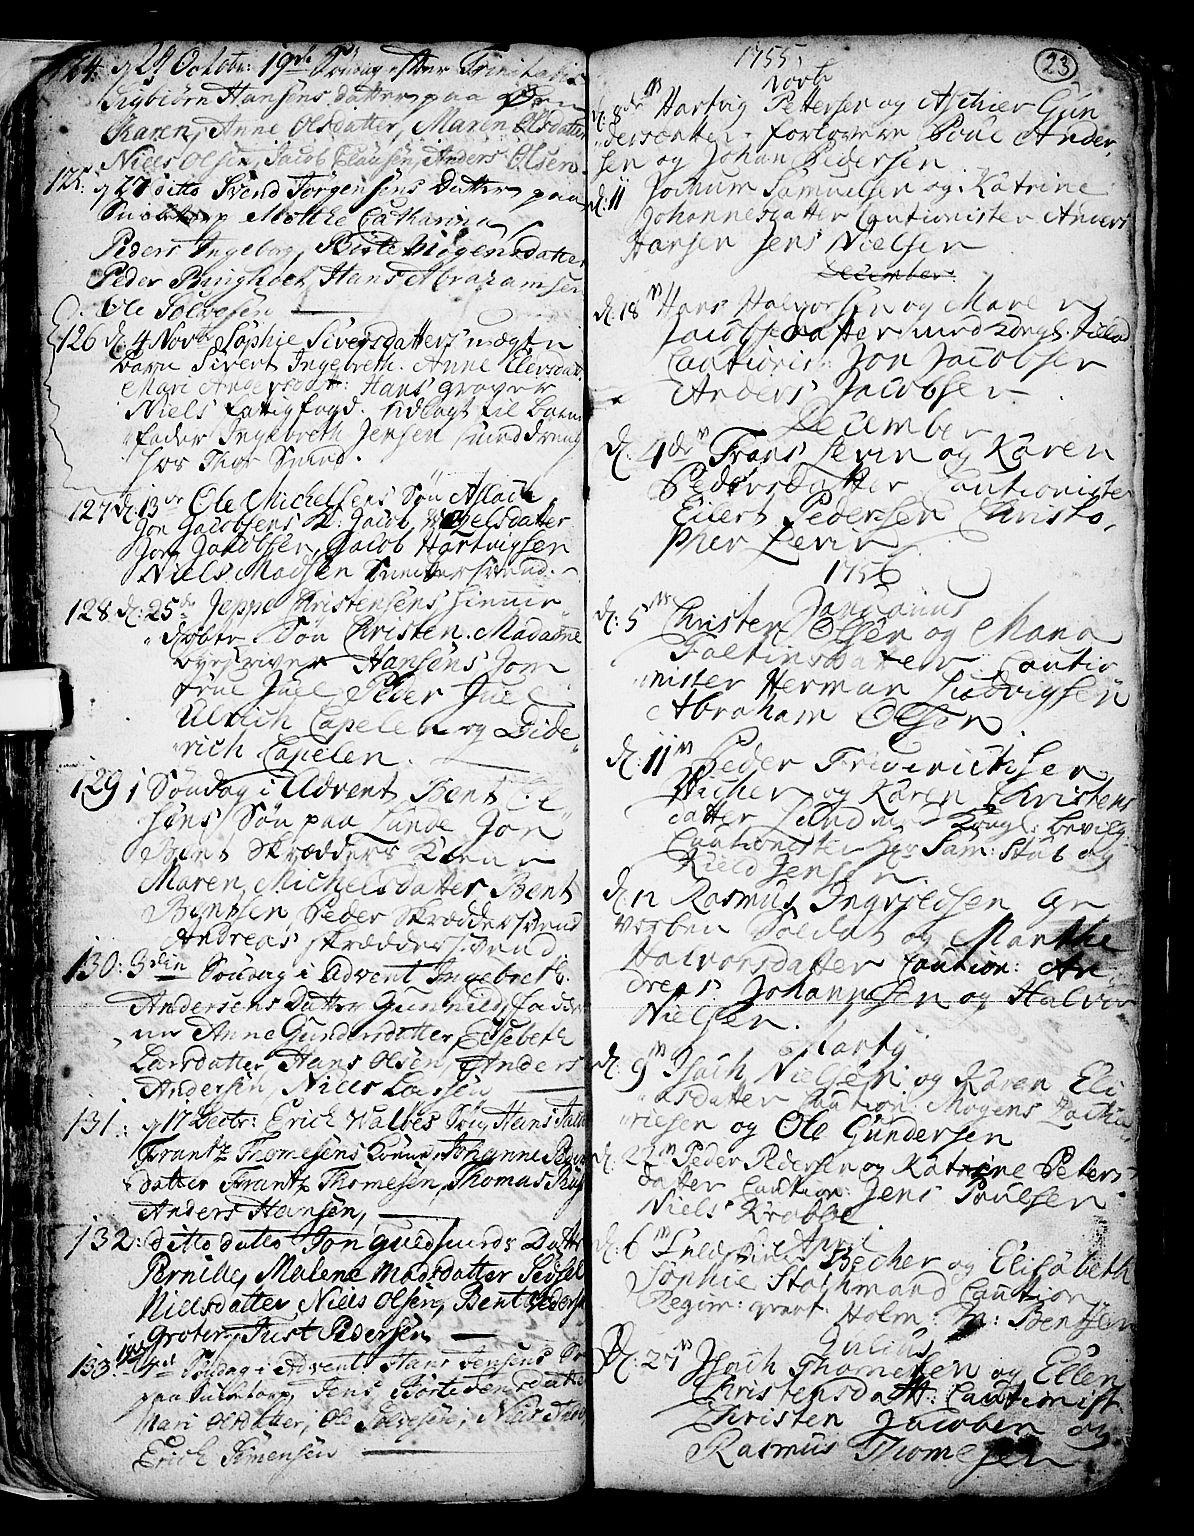 SAKO, Skien kirkebøker, F/Fa/L0002: Ministerialbok nr. 2, 1716-1757, s. 23